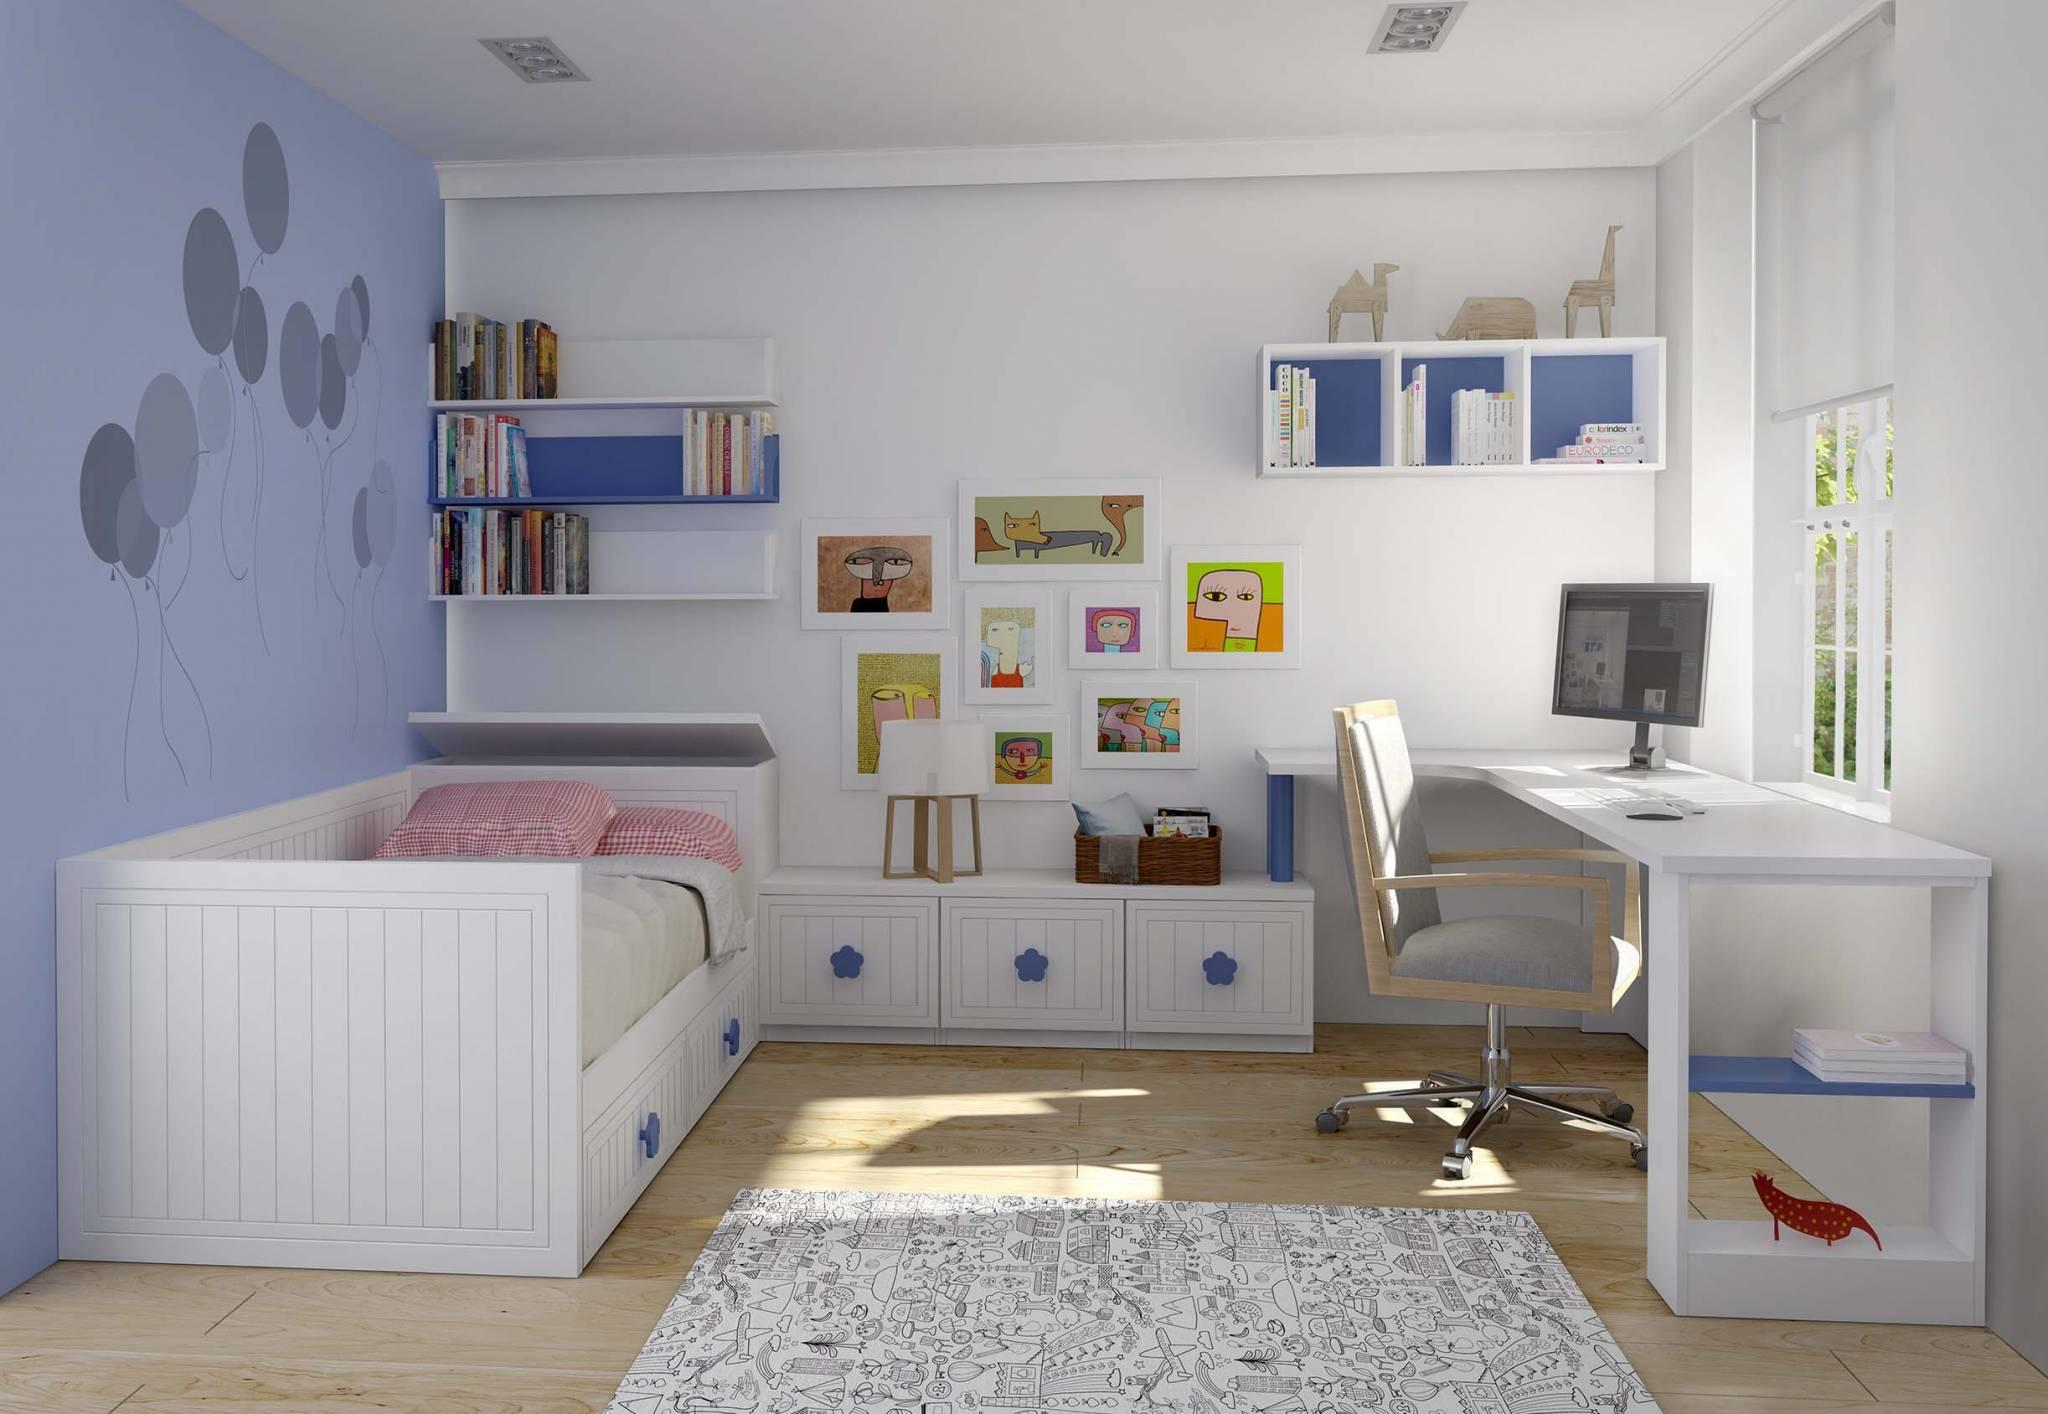 Dormitorio Infantil Sogo. Dormitorio Infantil Lacado con Tiradores Flor. Muebles Díaz